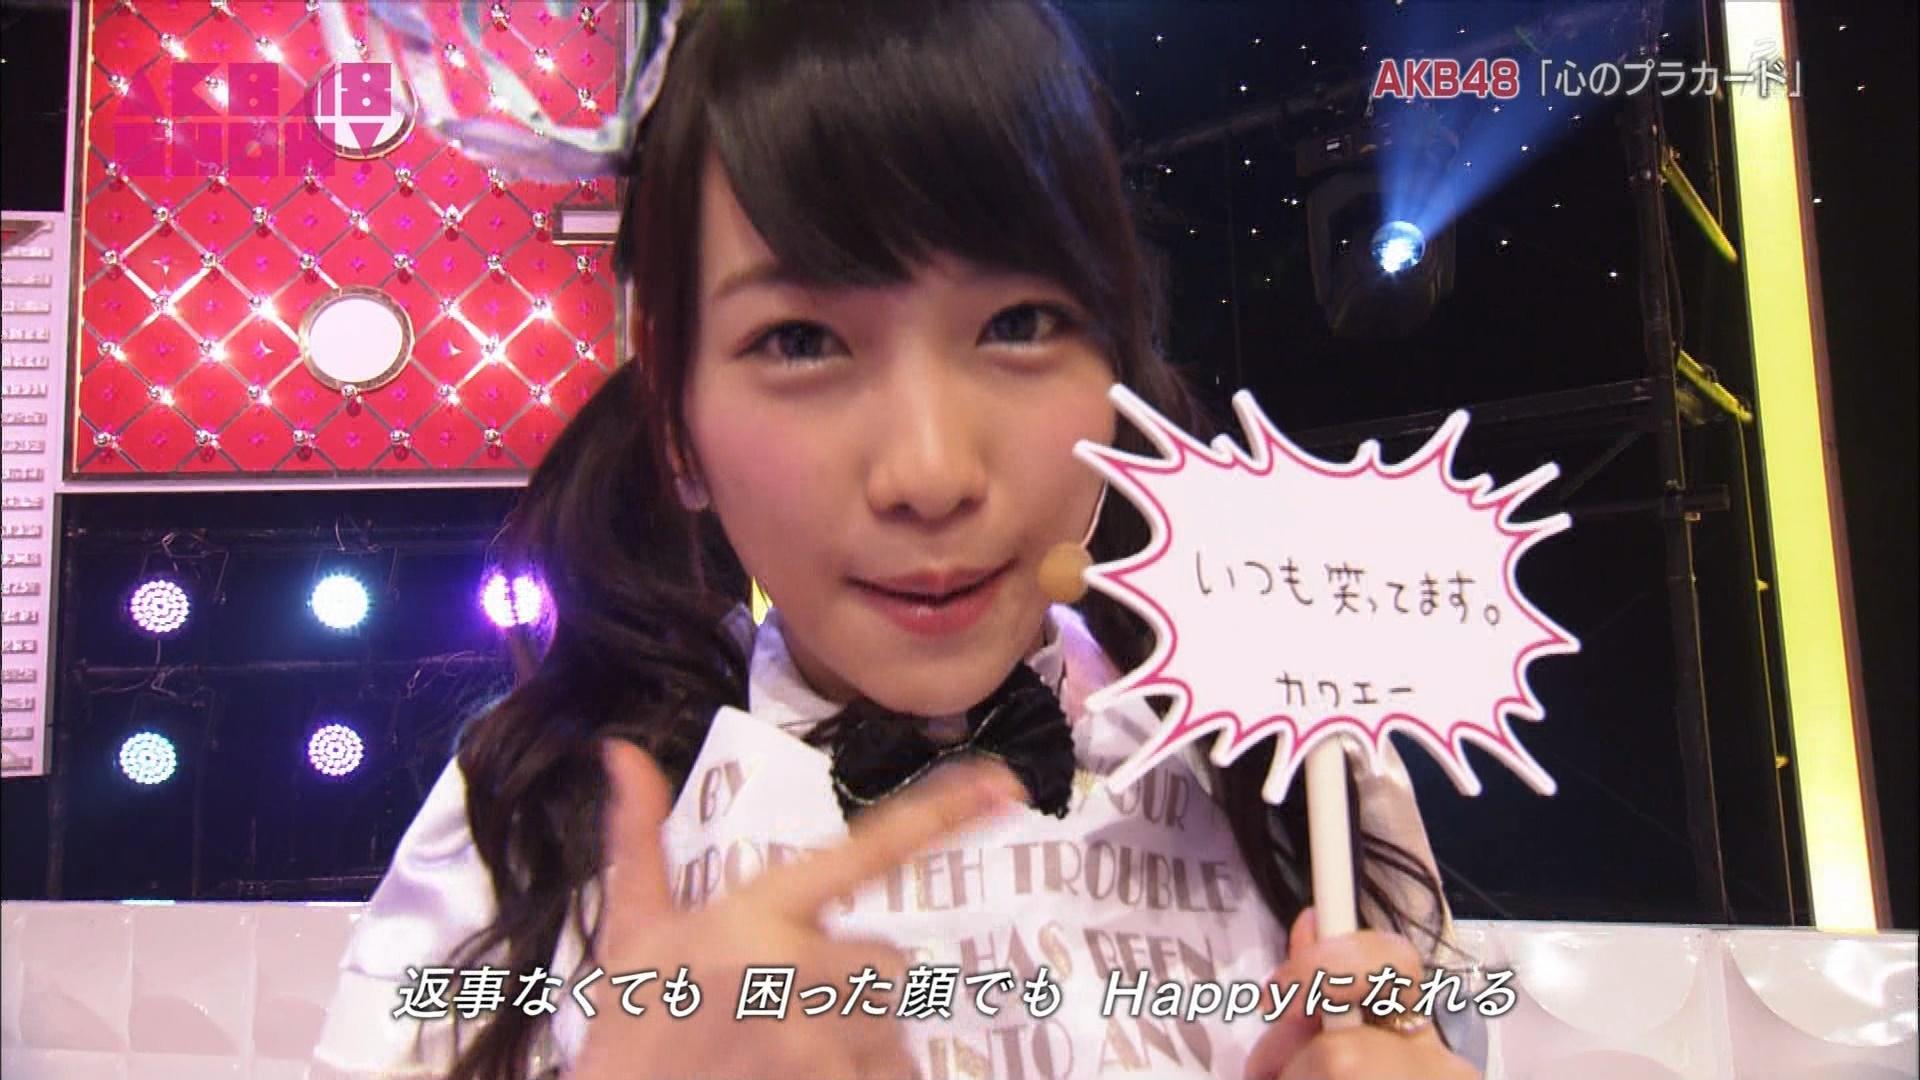 AKB48SHOW 心のプラカード 川栄李奈 20140830 (1)